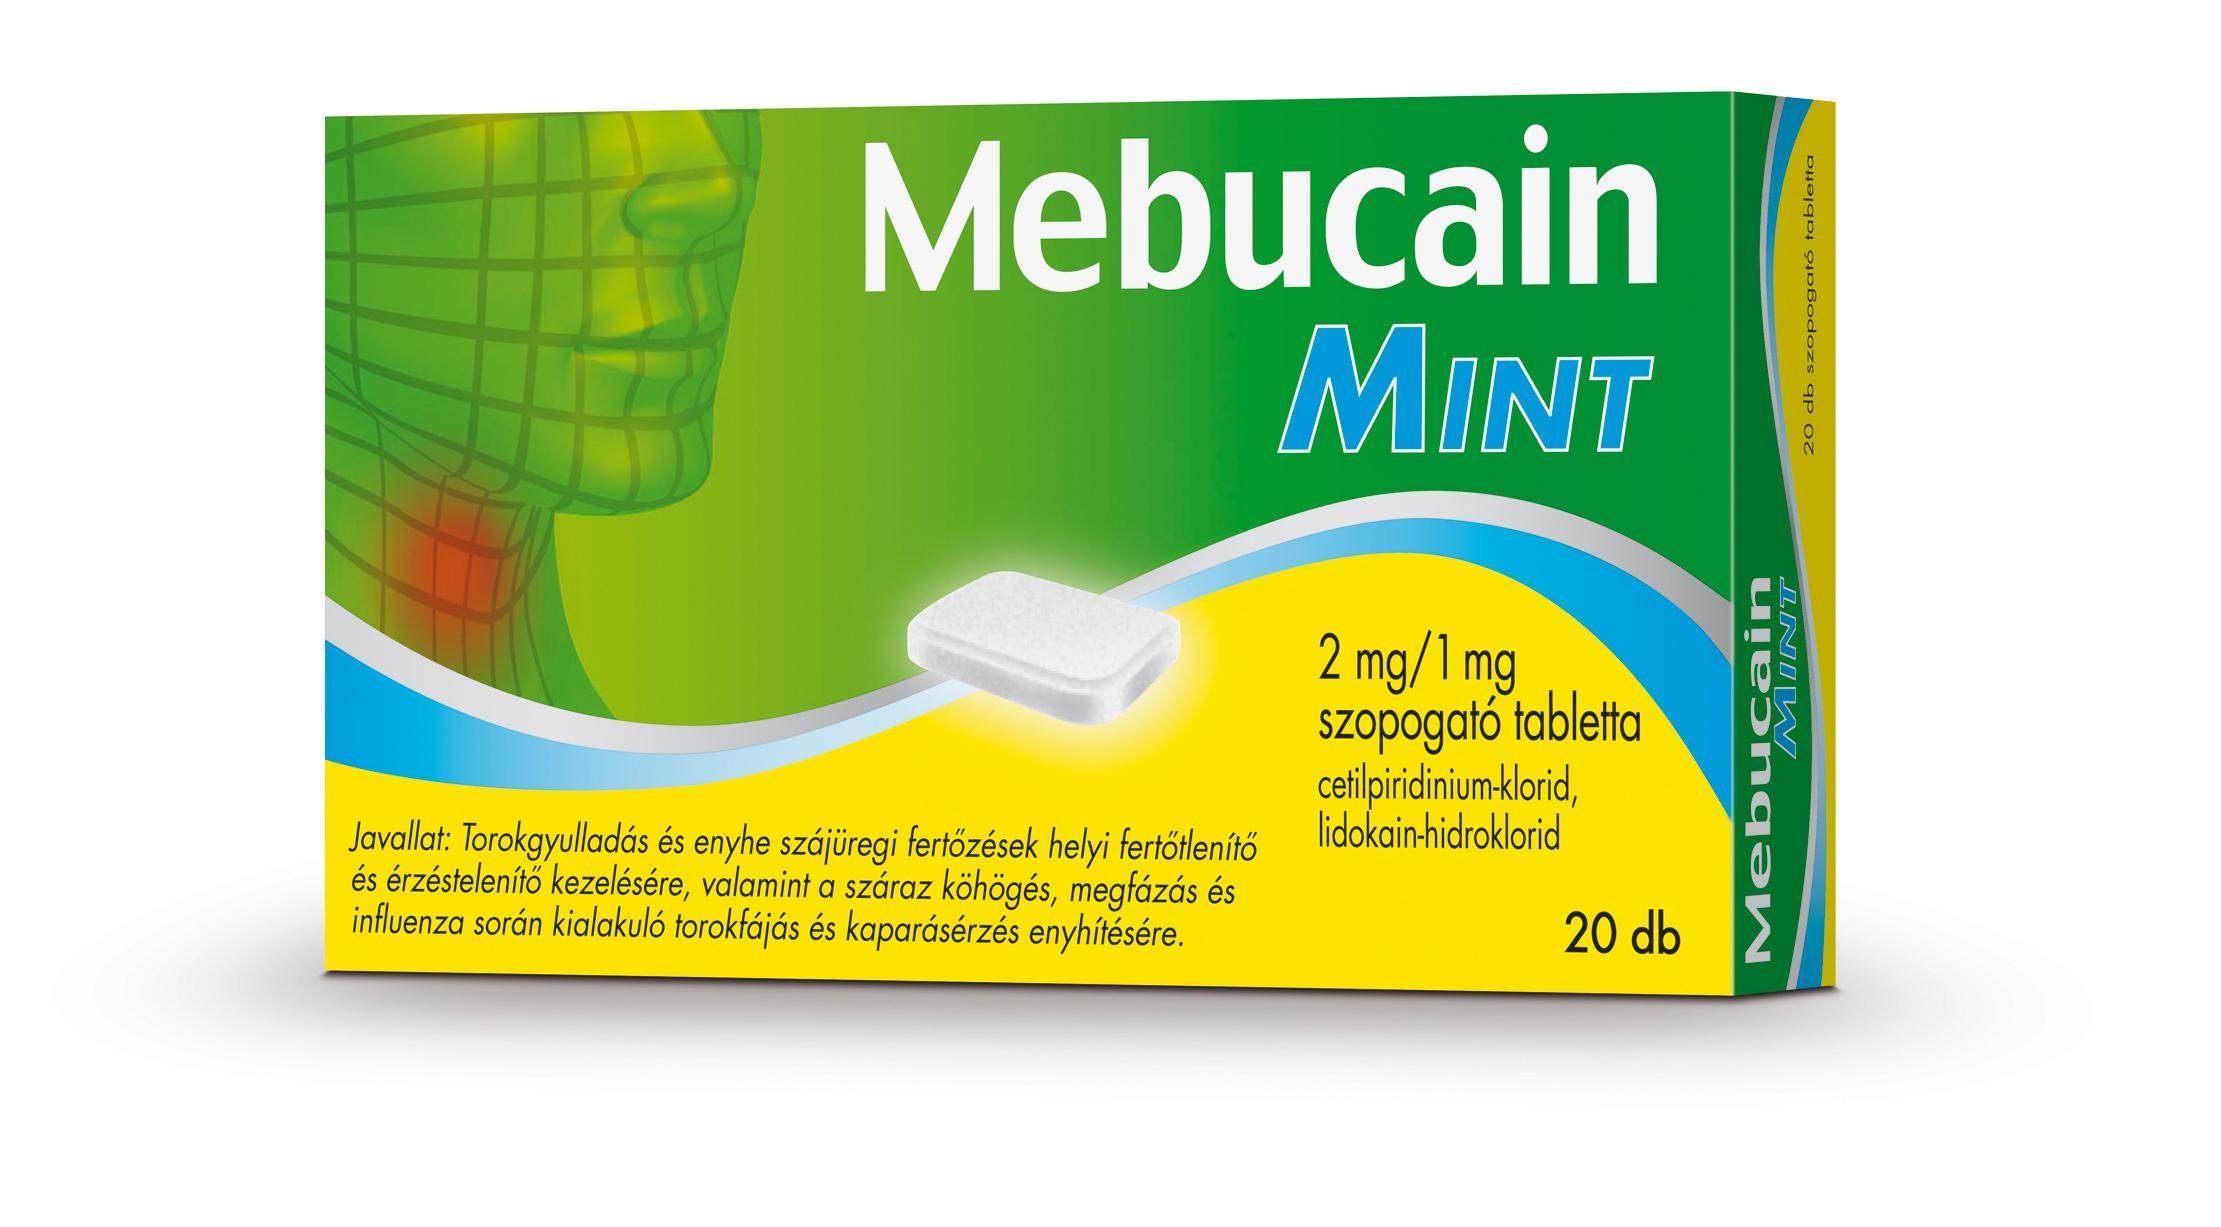 Mebucain Mint 2 mg/1 mg szopogató tabletta 20x